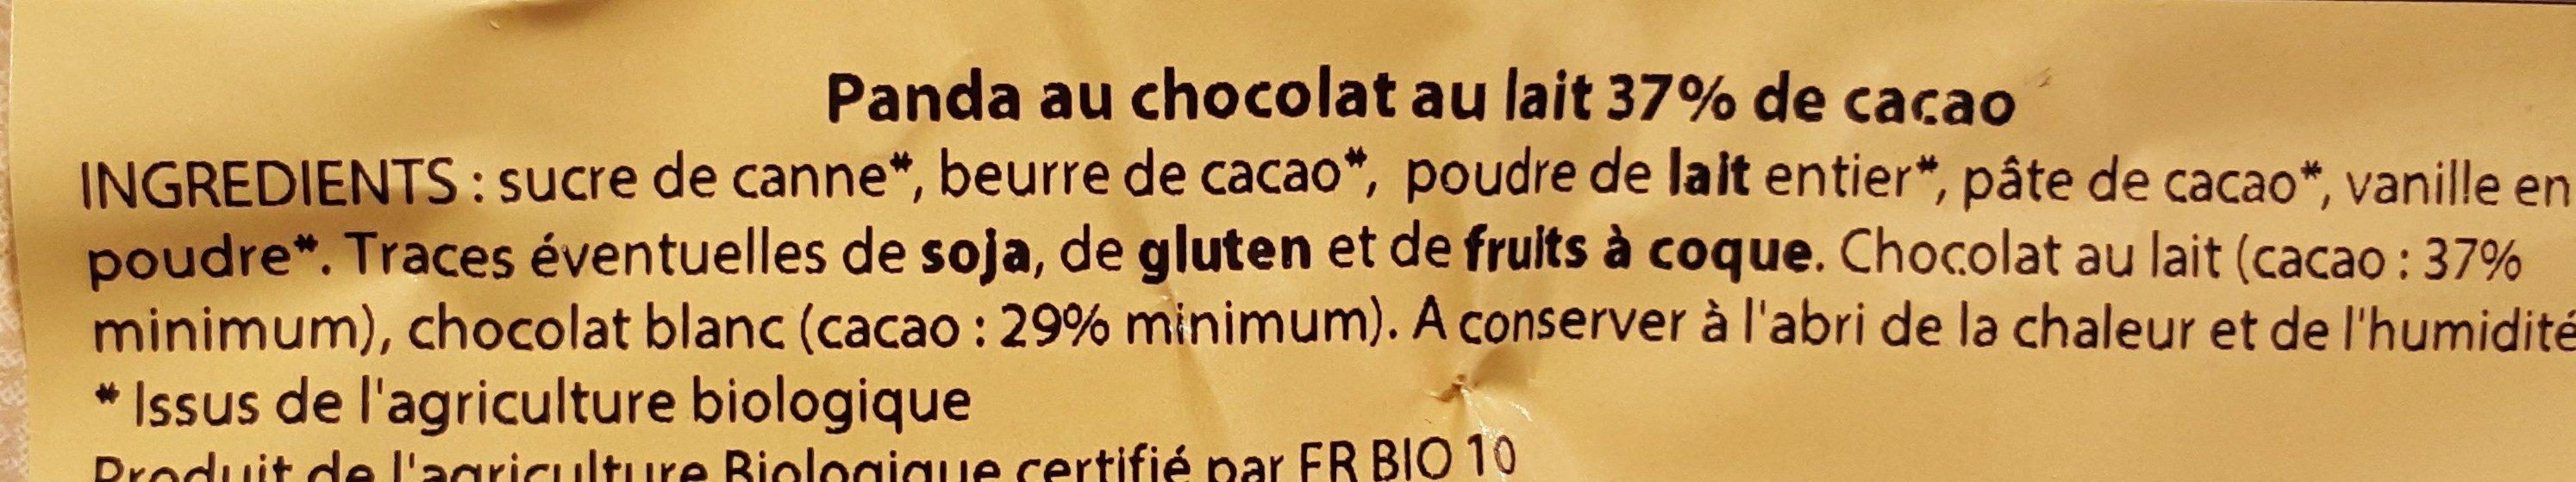 Panda au Chocolat au Lait 37% de Cacao Équitable & Bio - Ingredients